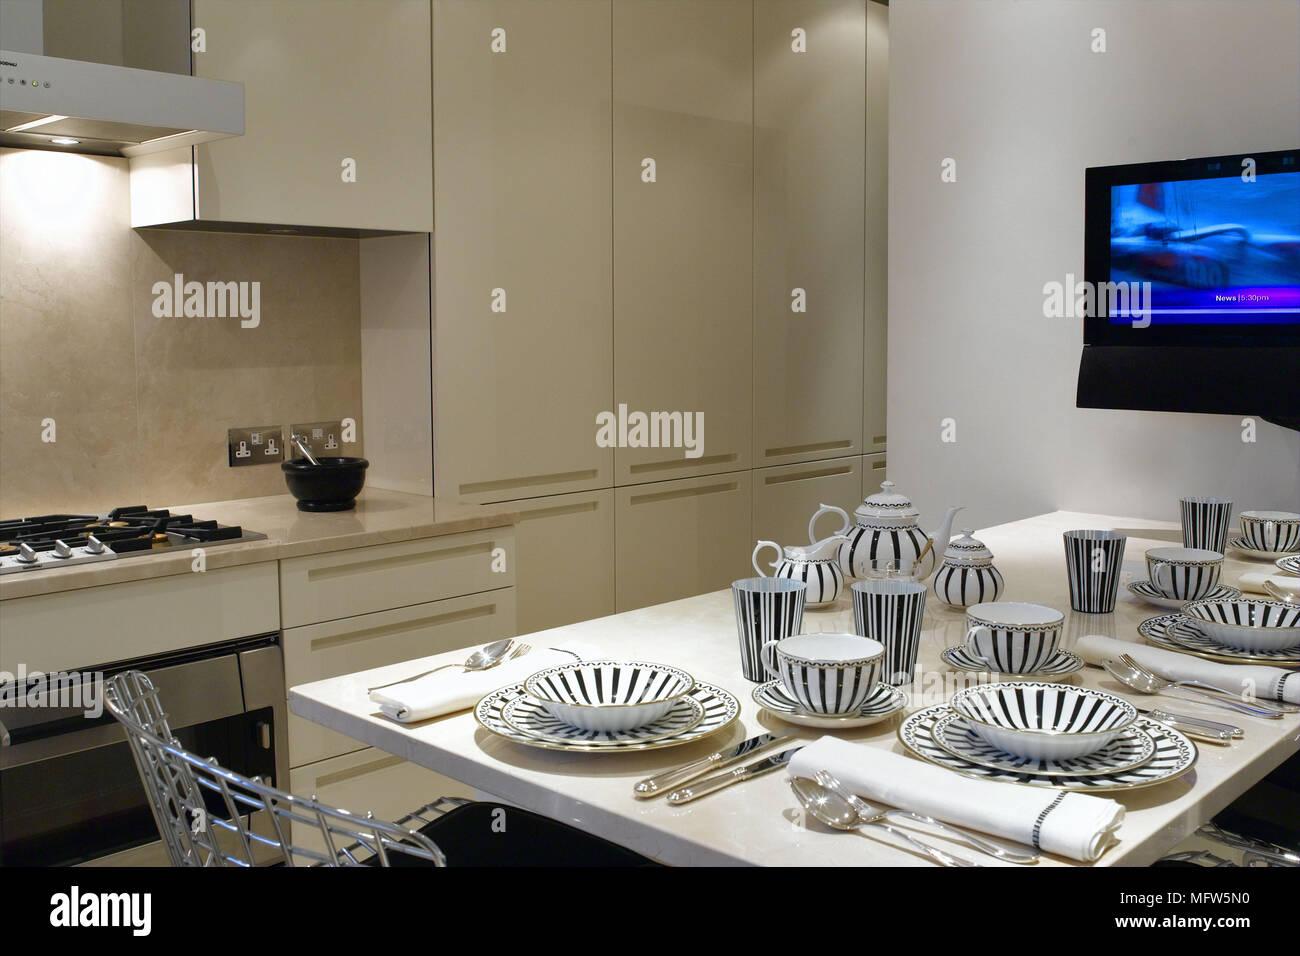 https www alamyimages fr une cuisine moderne avec des unites de cuisine beige face a une table de cuisine avec des couverts et une grande television ecran plat en encastre dans le mur image181876828 html